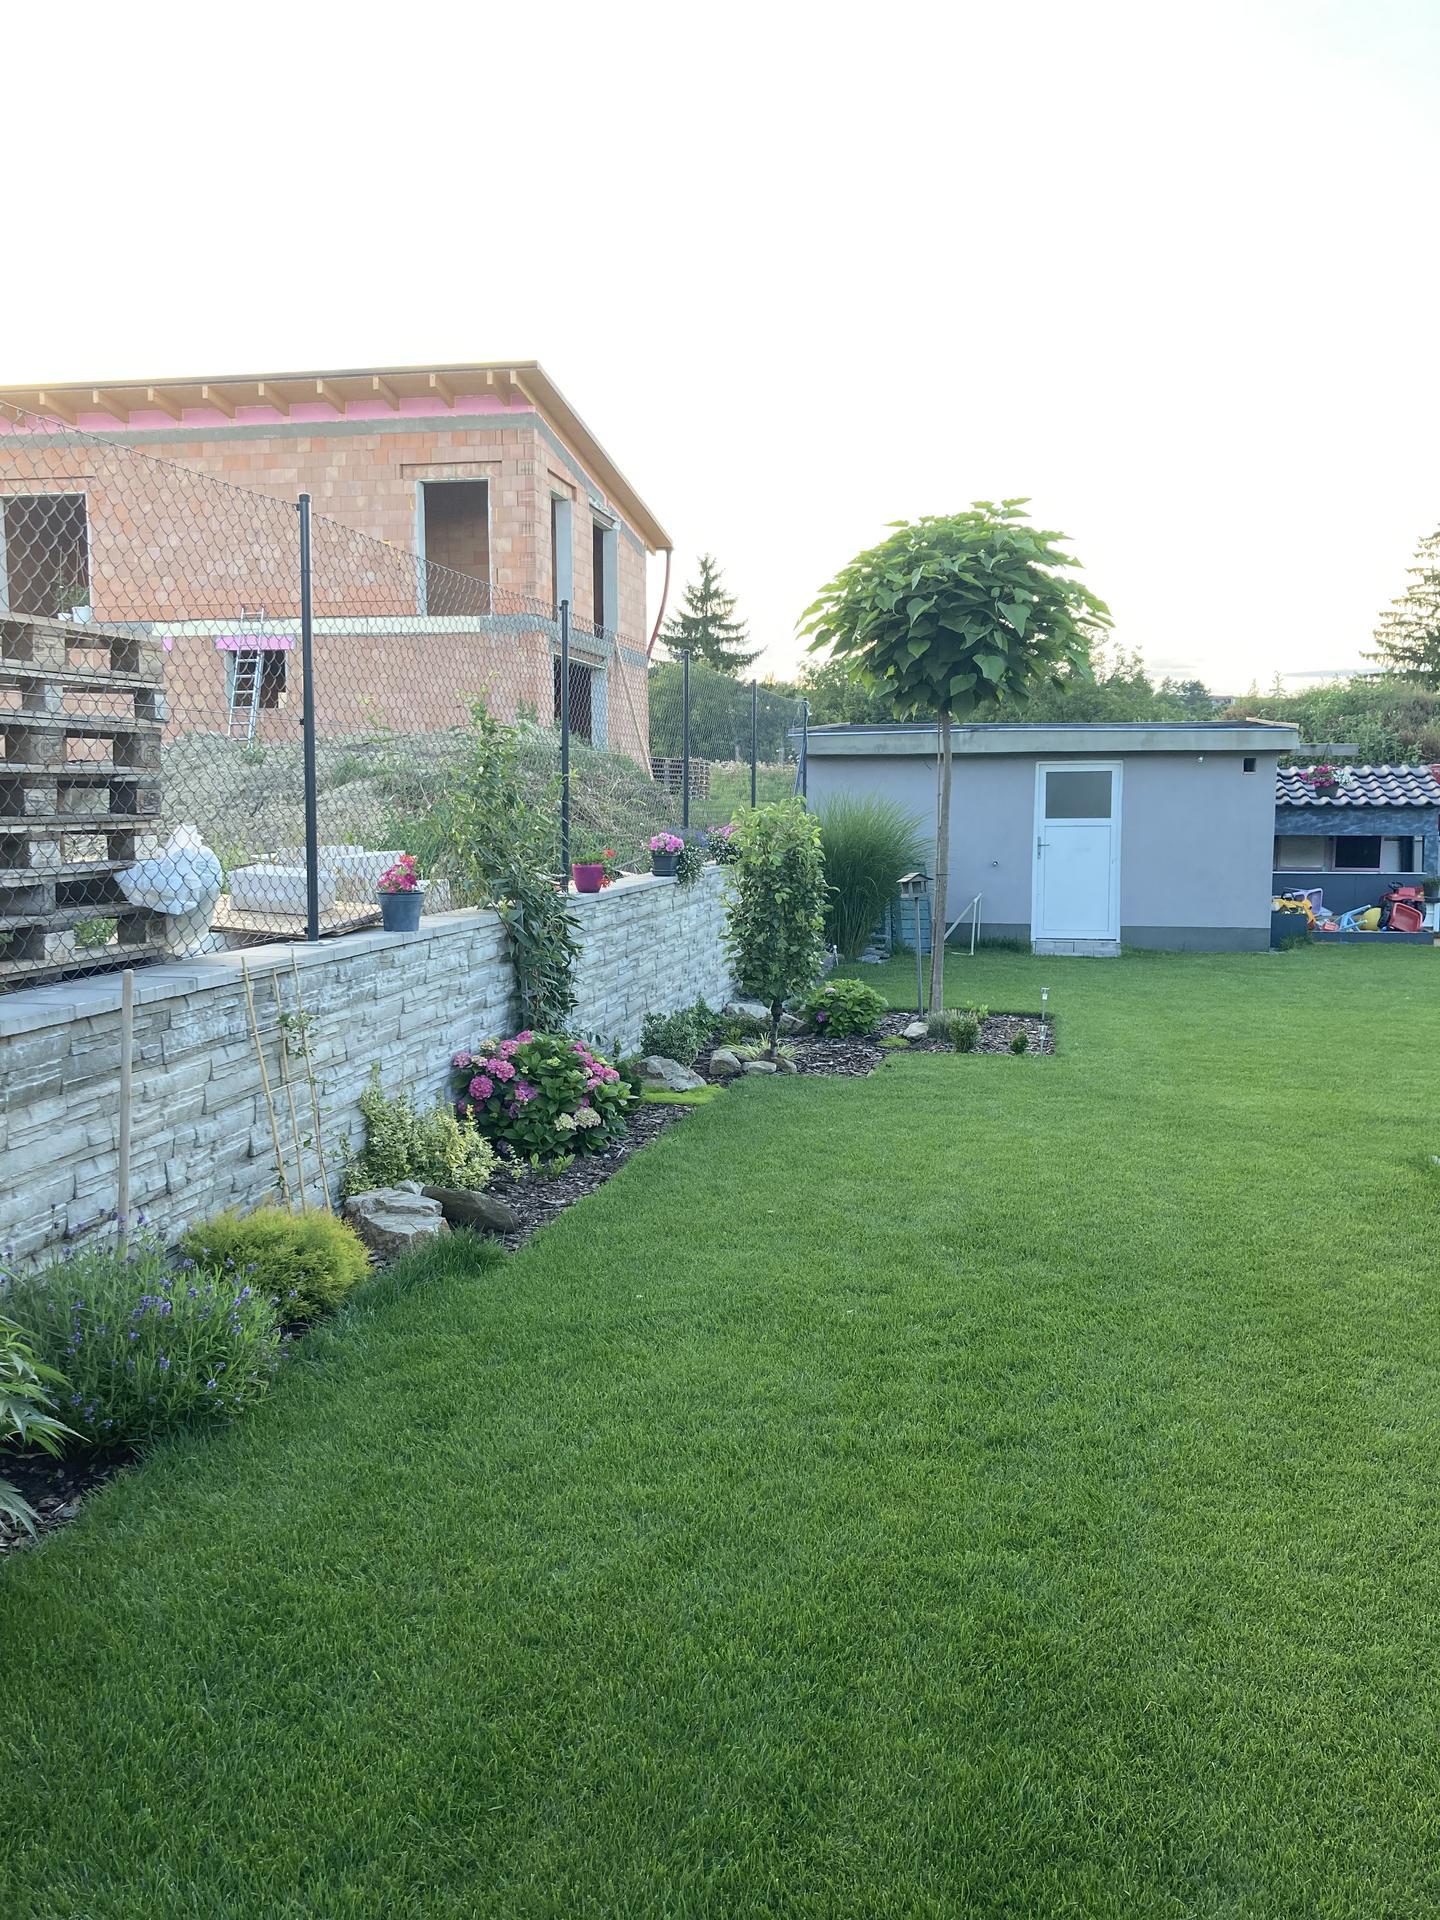 Naše 3 roky stará zahrada 🤩 - Obrázek č. 6